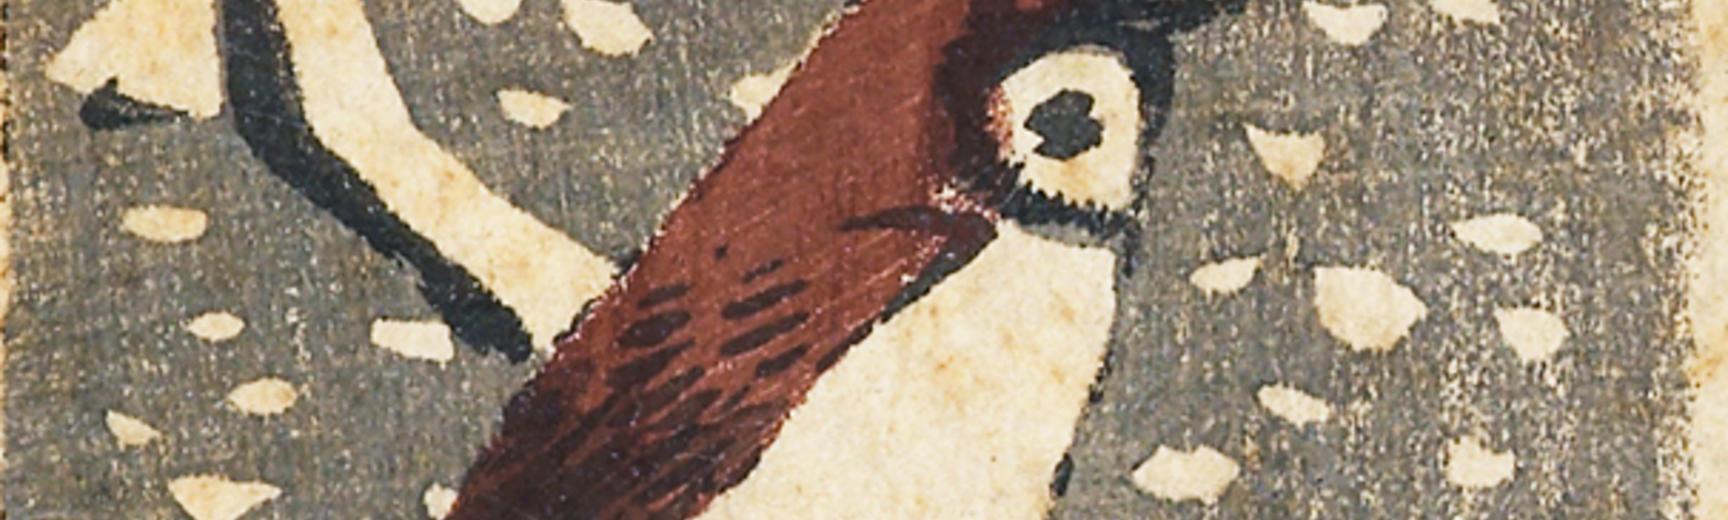 banner sparrow utagawa hiroshige eax4833